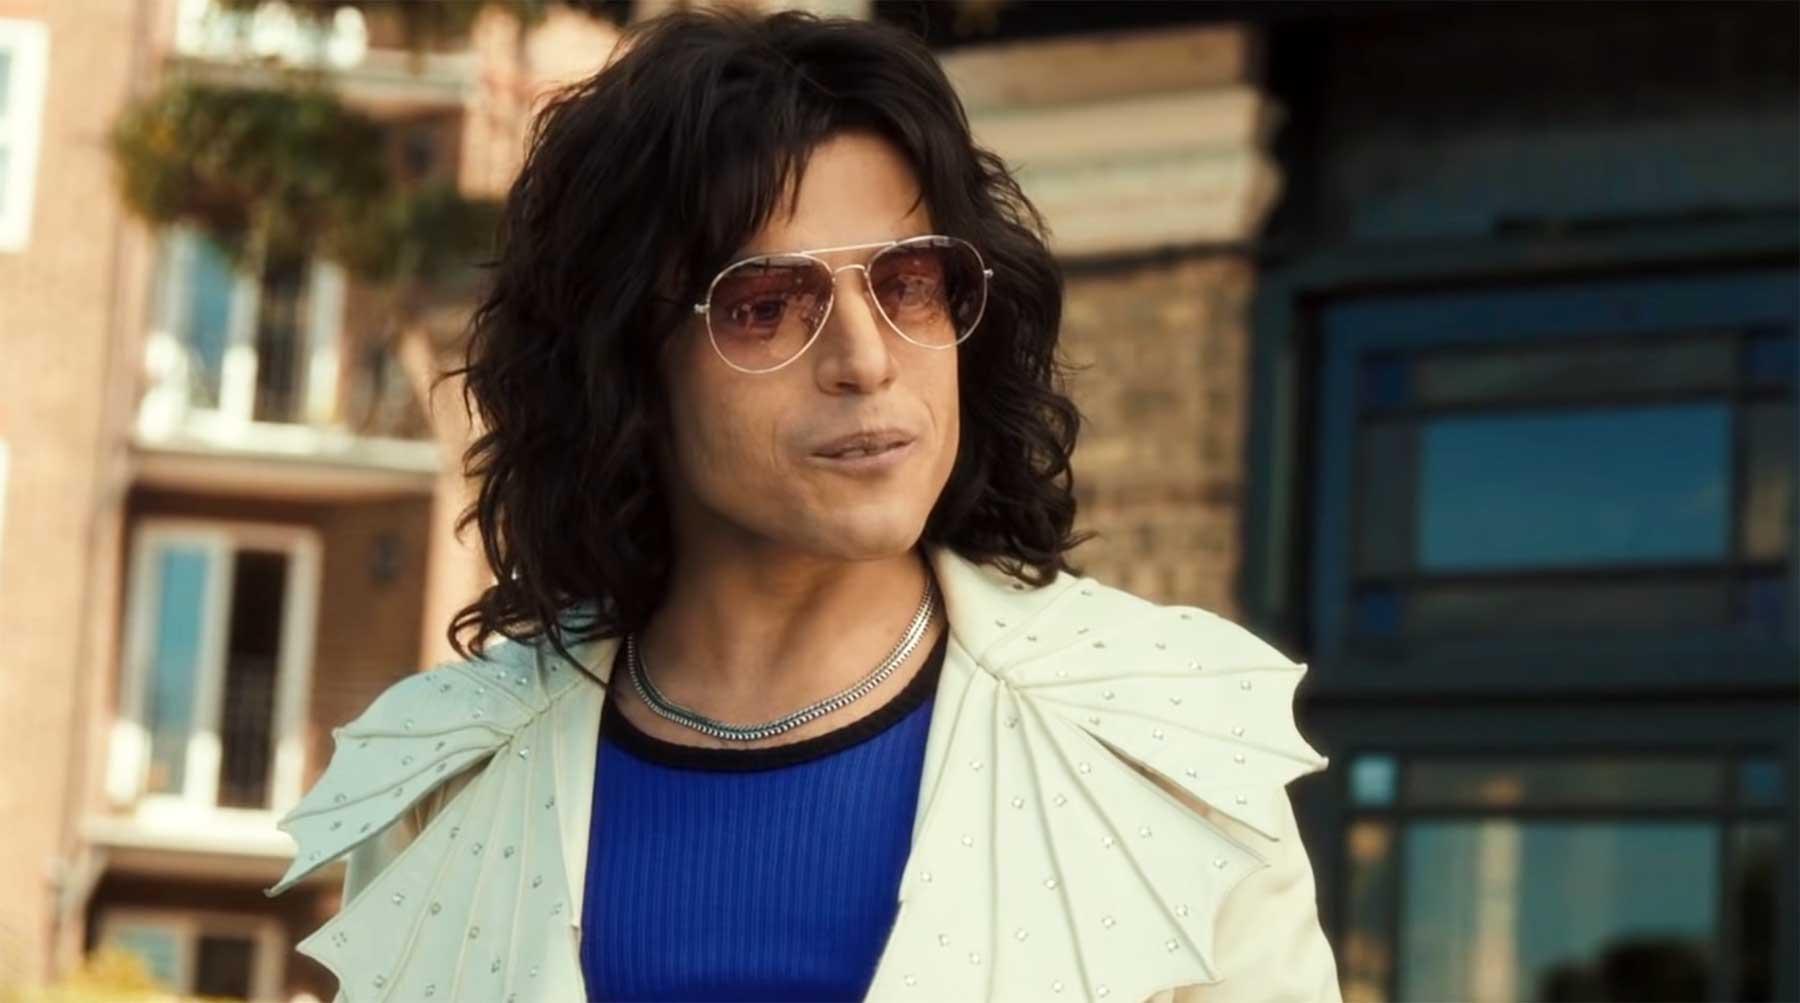 """Weshalb """"Bohemian Rhapsody"""" kein richtig gut geschnittener Film ist bohemian-rhapsody-bad-editing"""